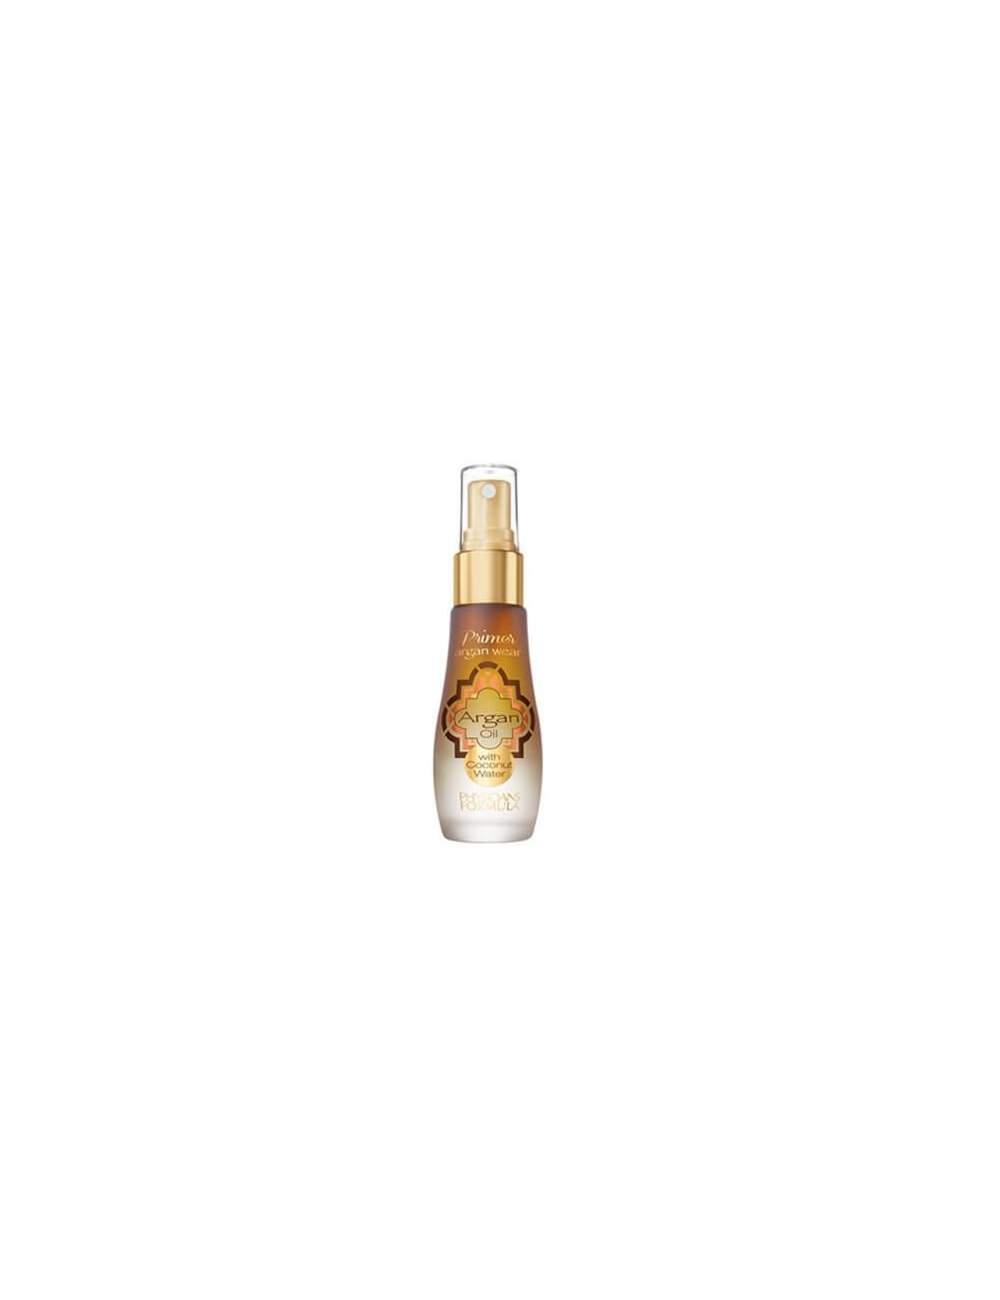 Primer Maquillaje Natural con Aceite de Argán y Agua de Coco, Argan Wear. Physicians Formula